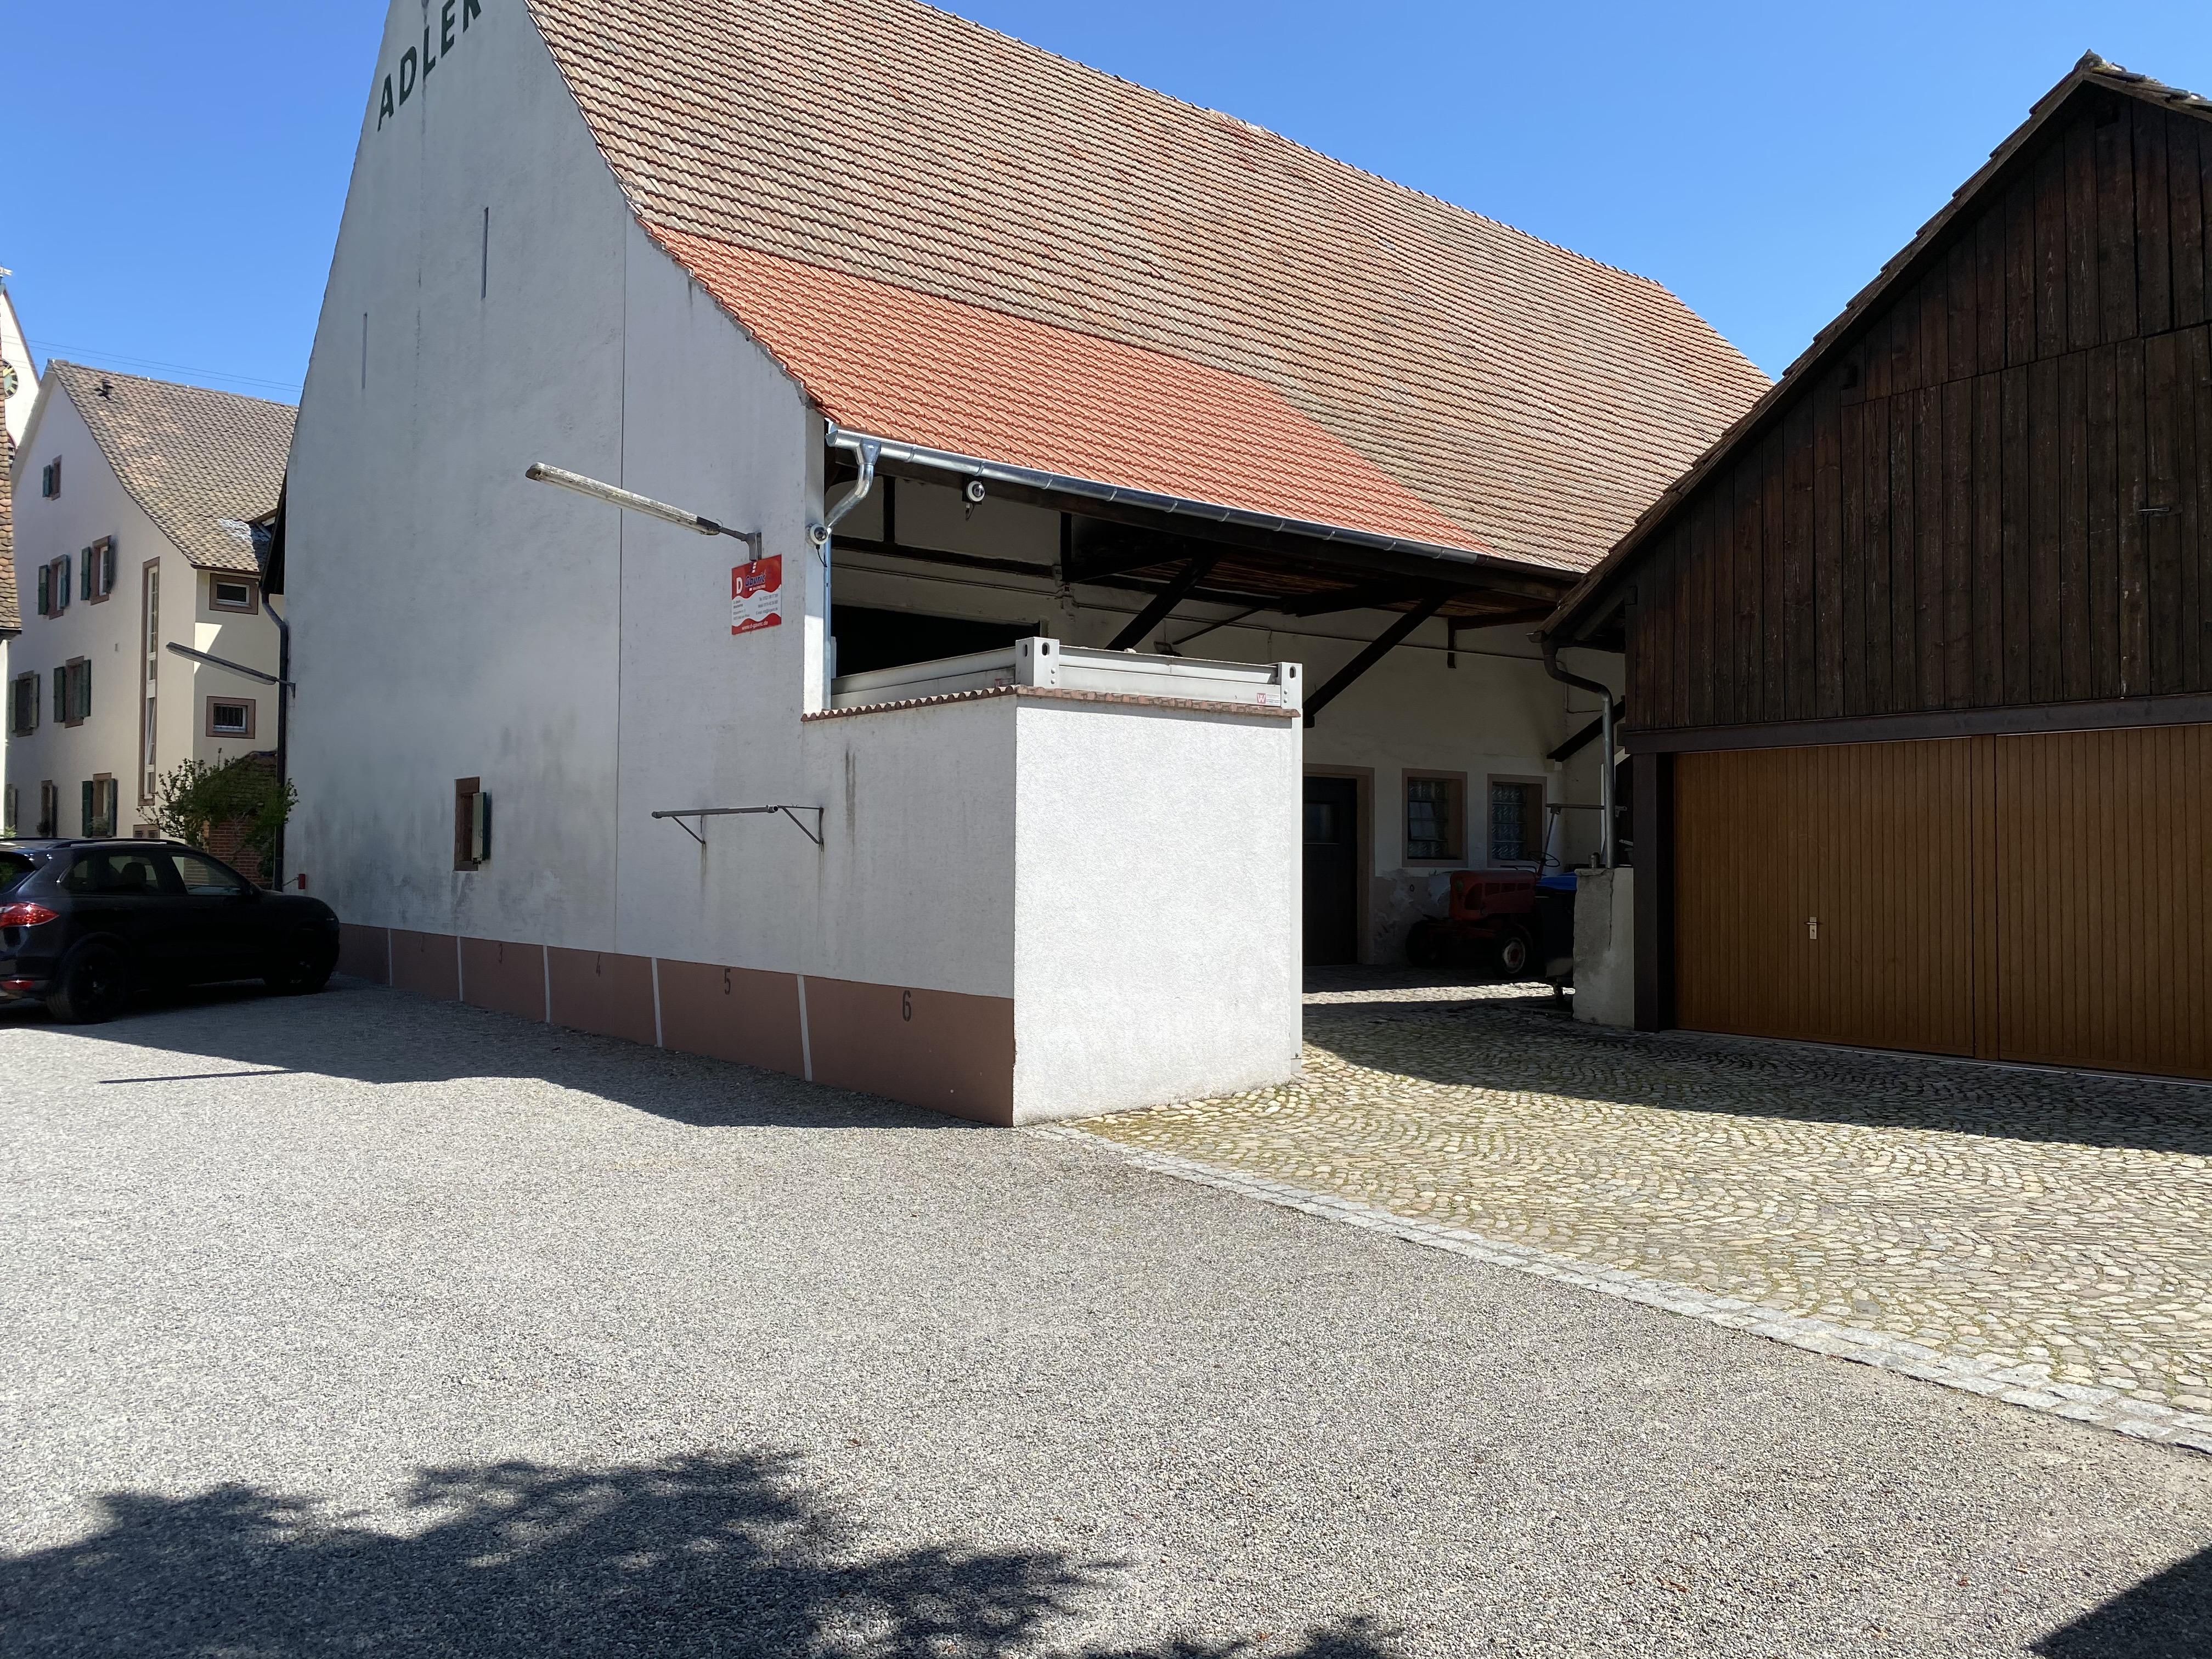 dazugehörige Scheune und Garage